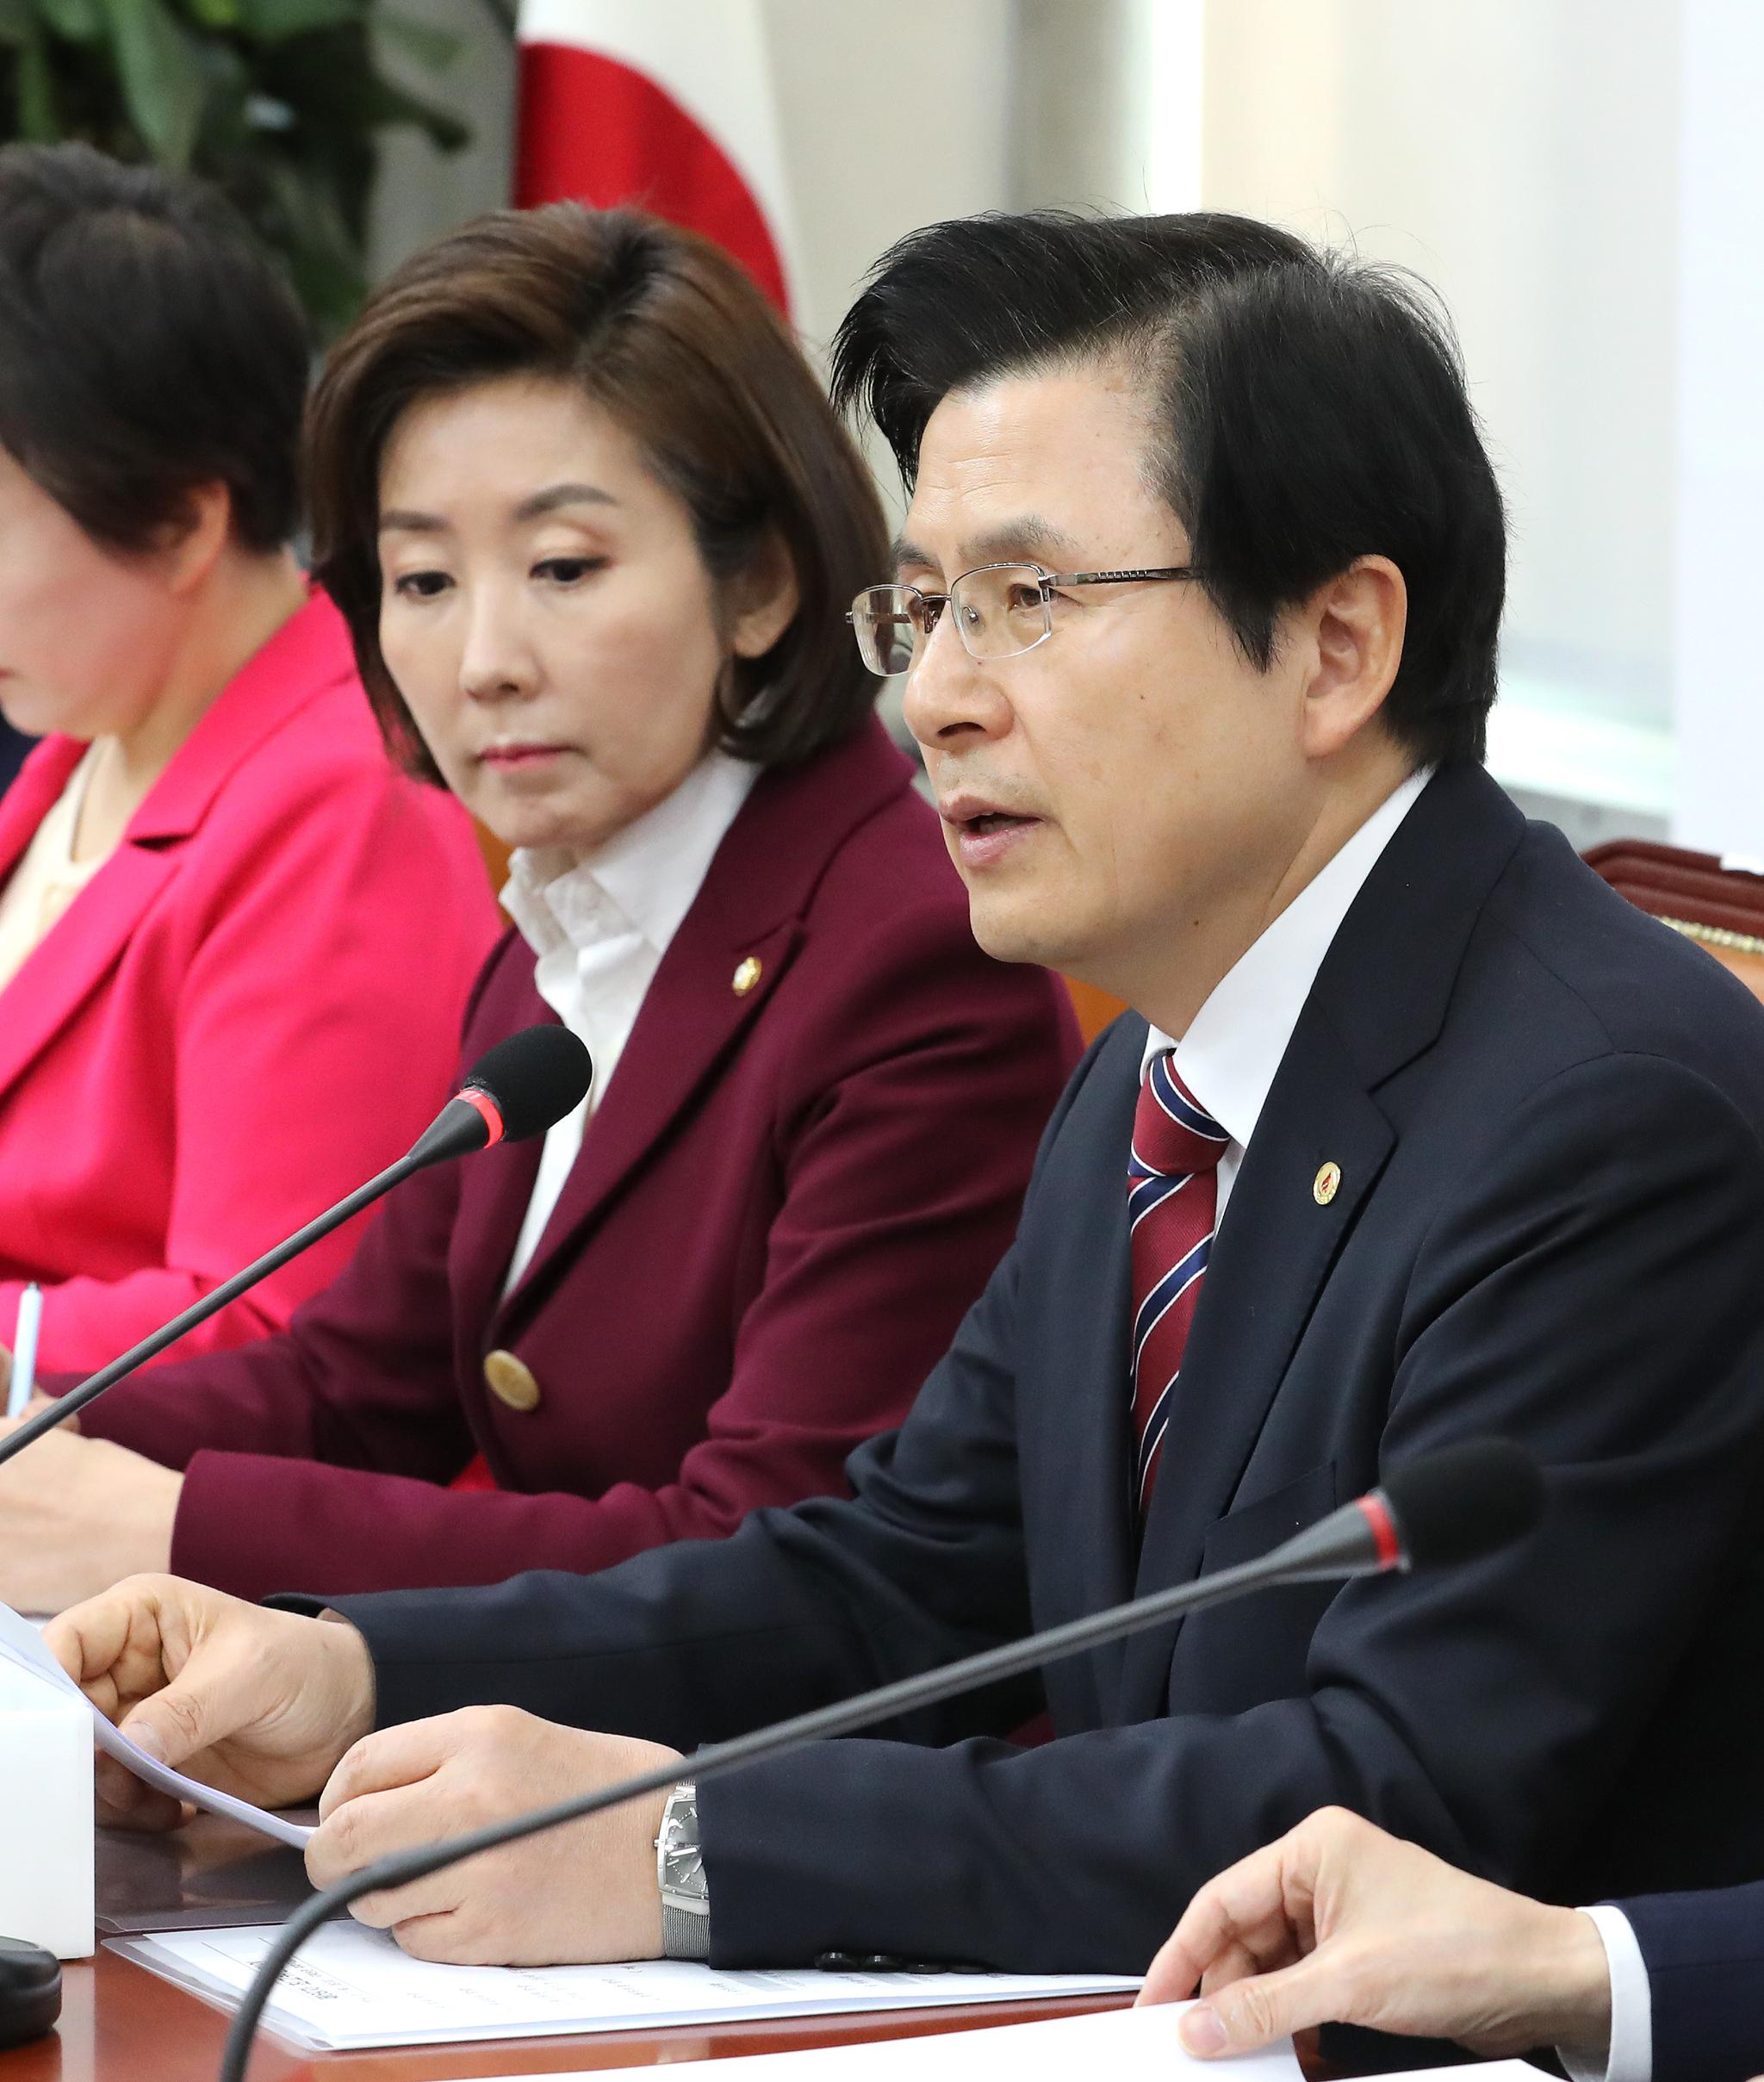 자유한국당 황교안 대표(오른쪽)가 7일 오전 국회에서 열린 최고위원회의에서 발언하고 있다. [연합뉴스]